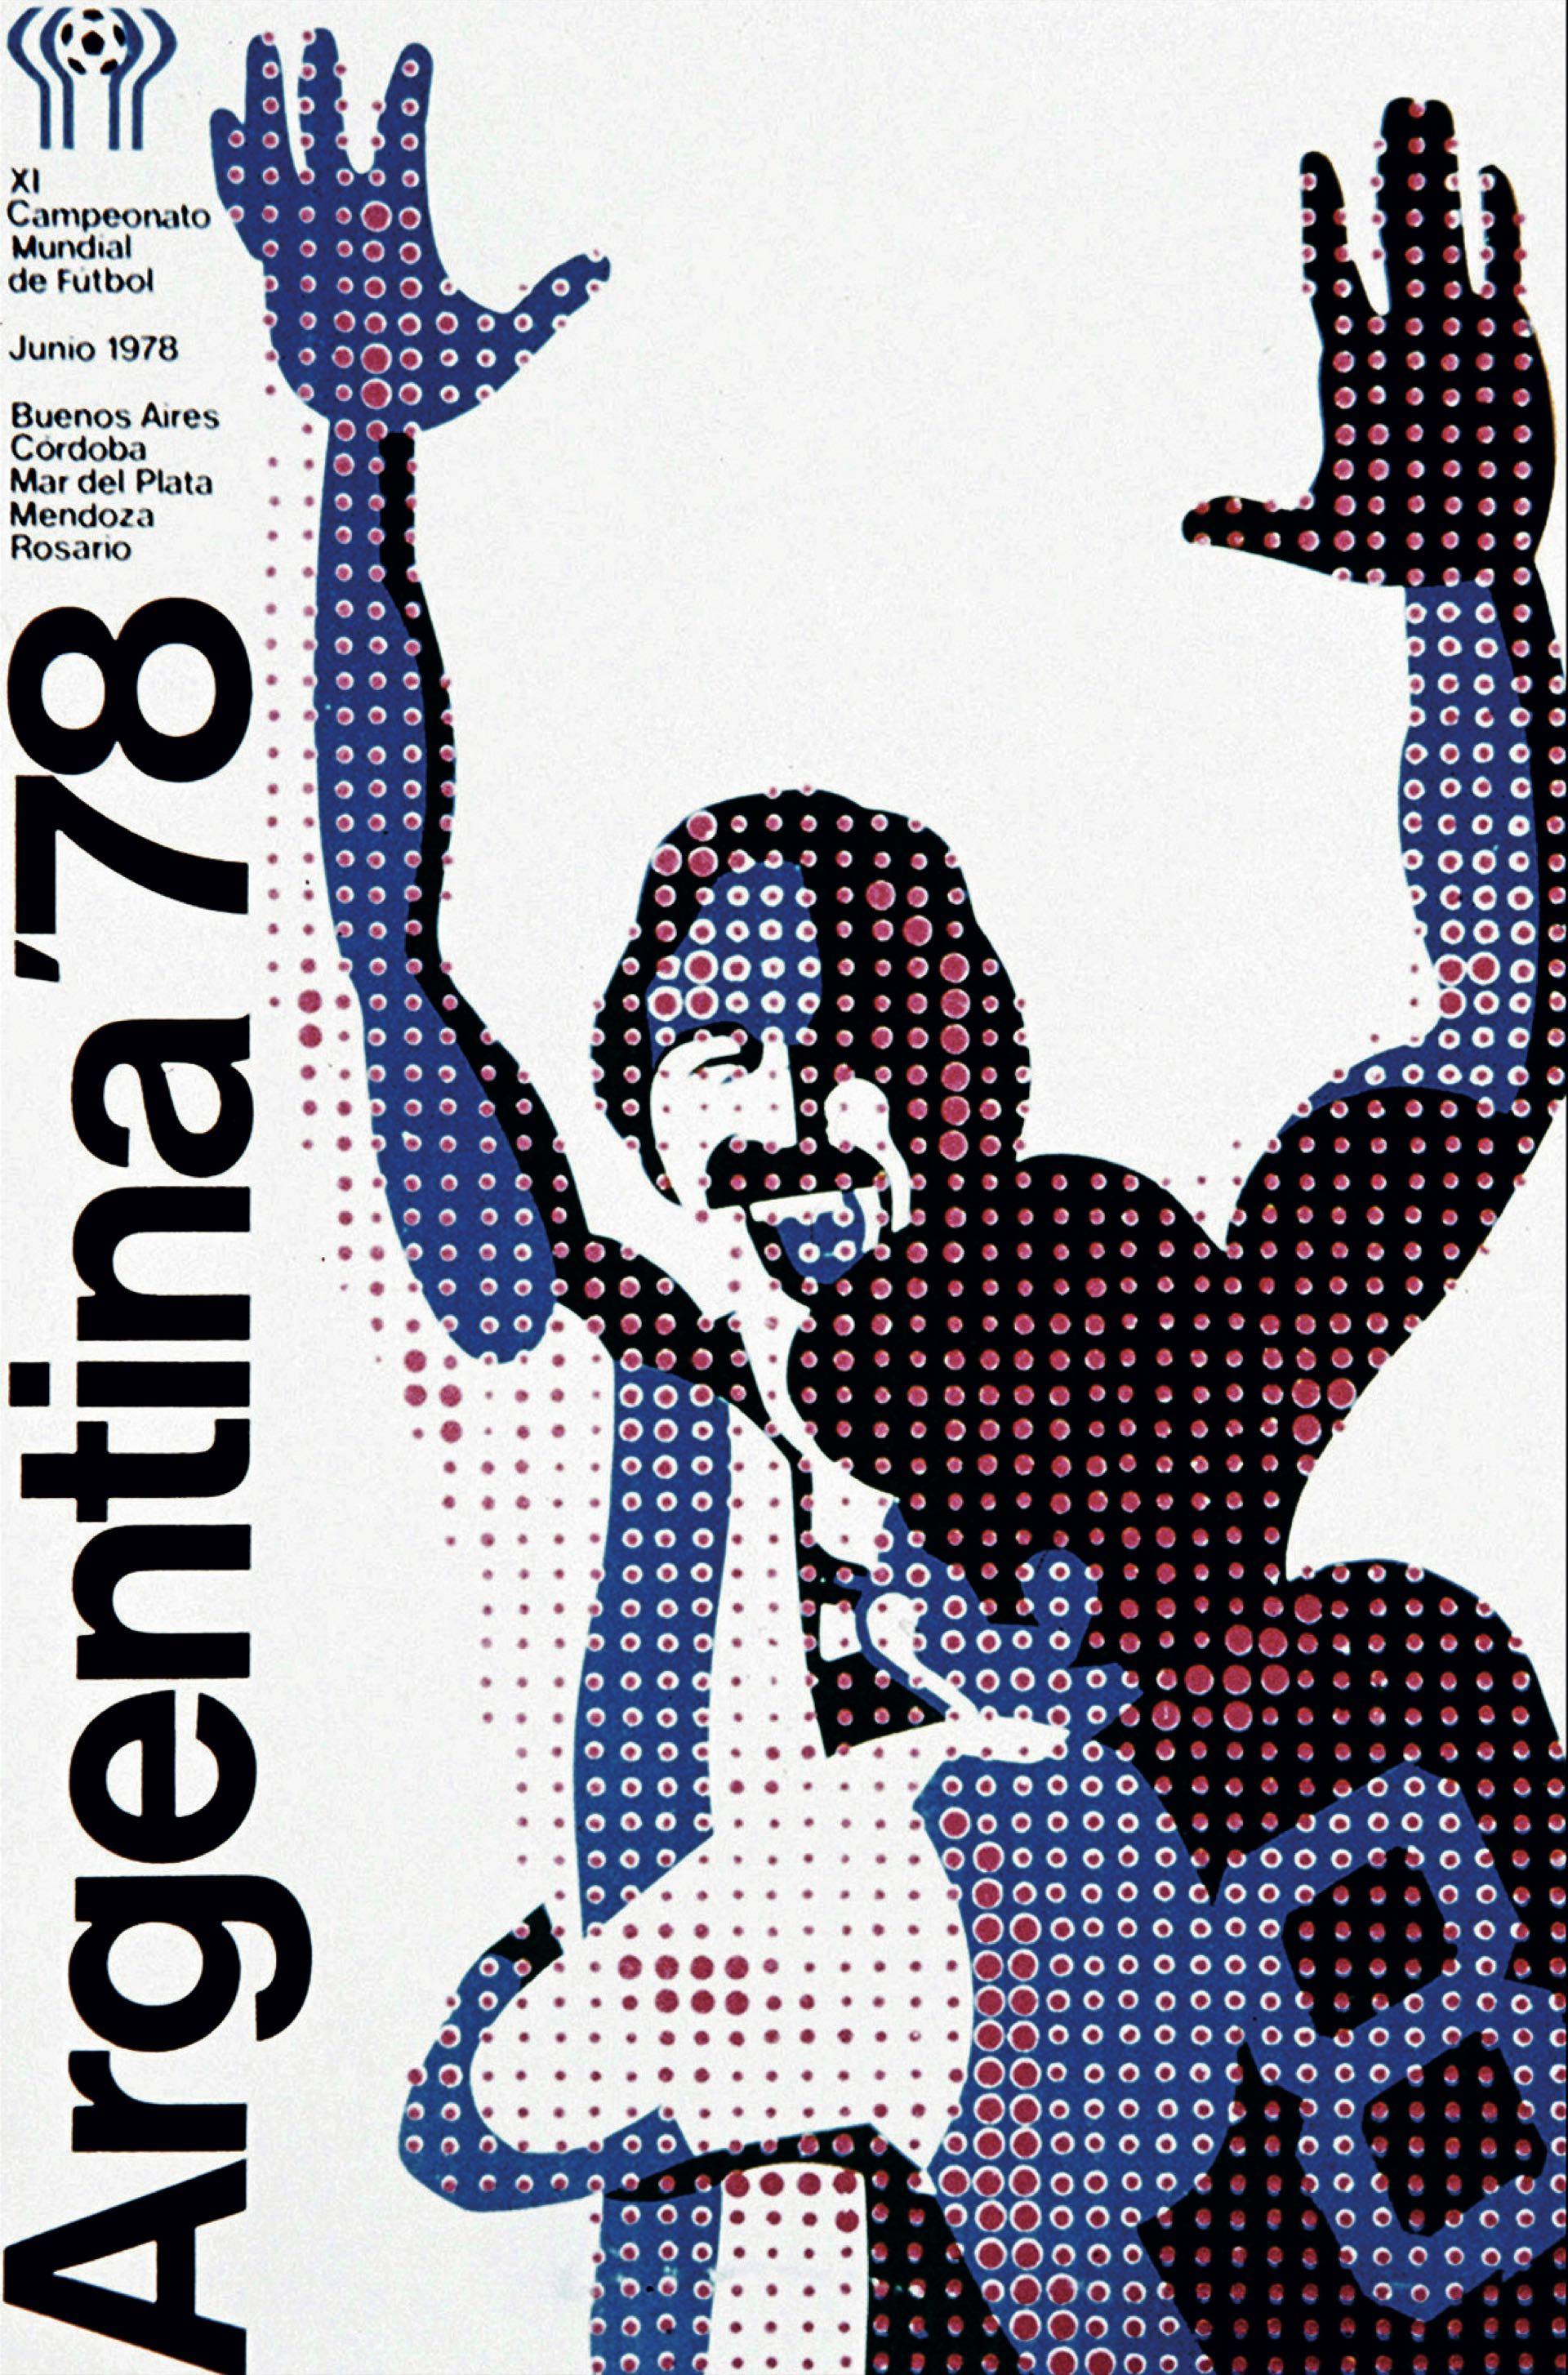 Uno de los afiches queinundaron las calles de Buenos Aires y se usaron para promocionar el Mundial en el exterior. El otro símbolo fue el famoso Gauchito,mascota de la competencia